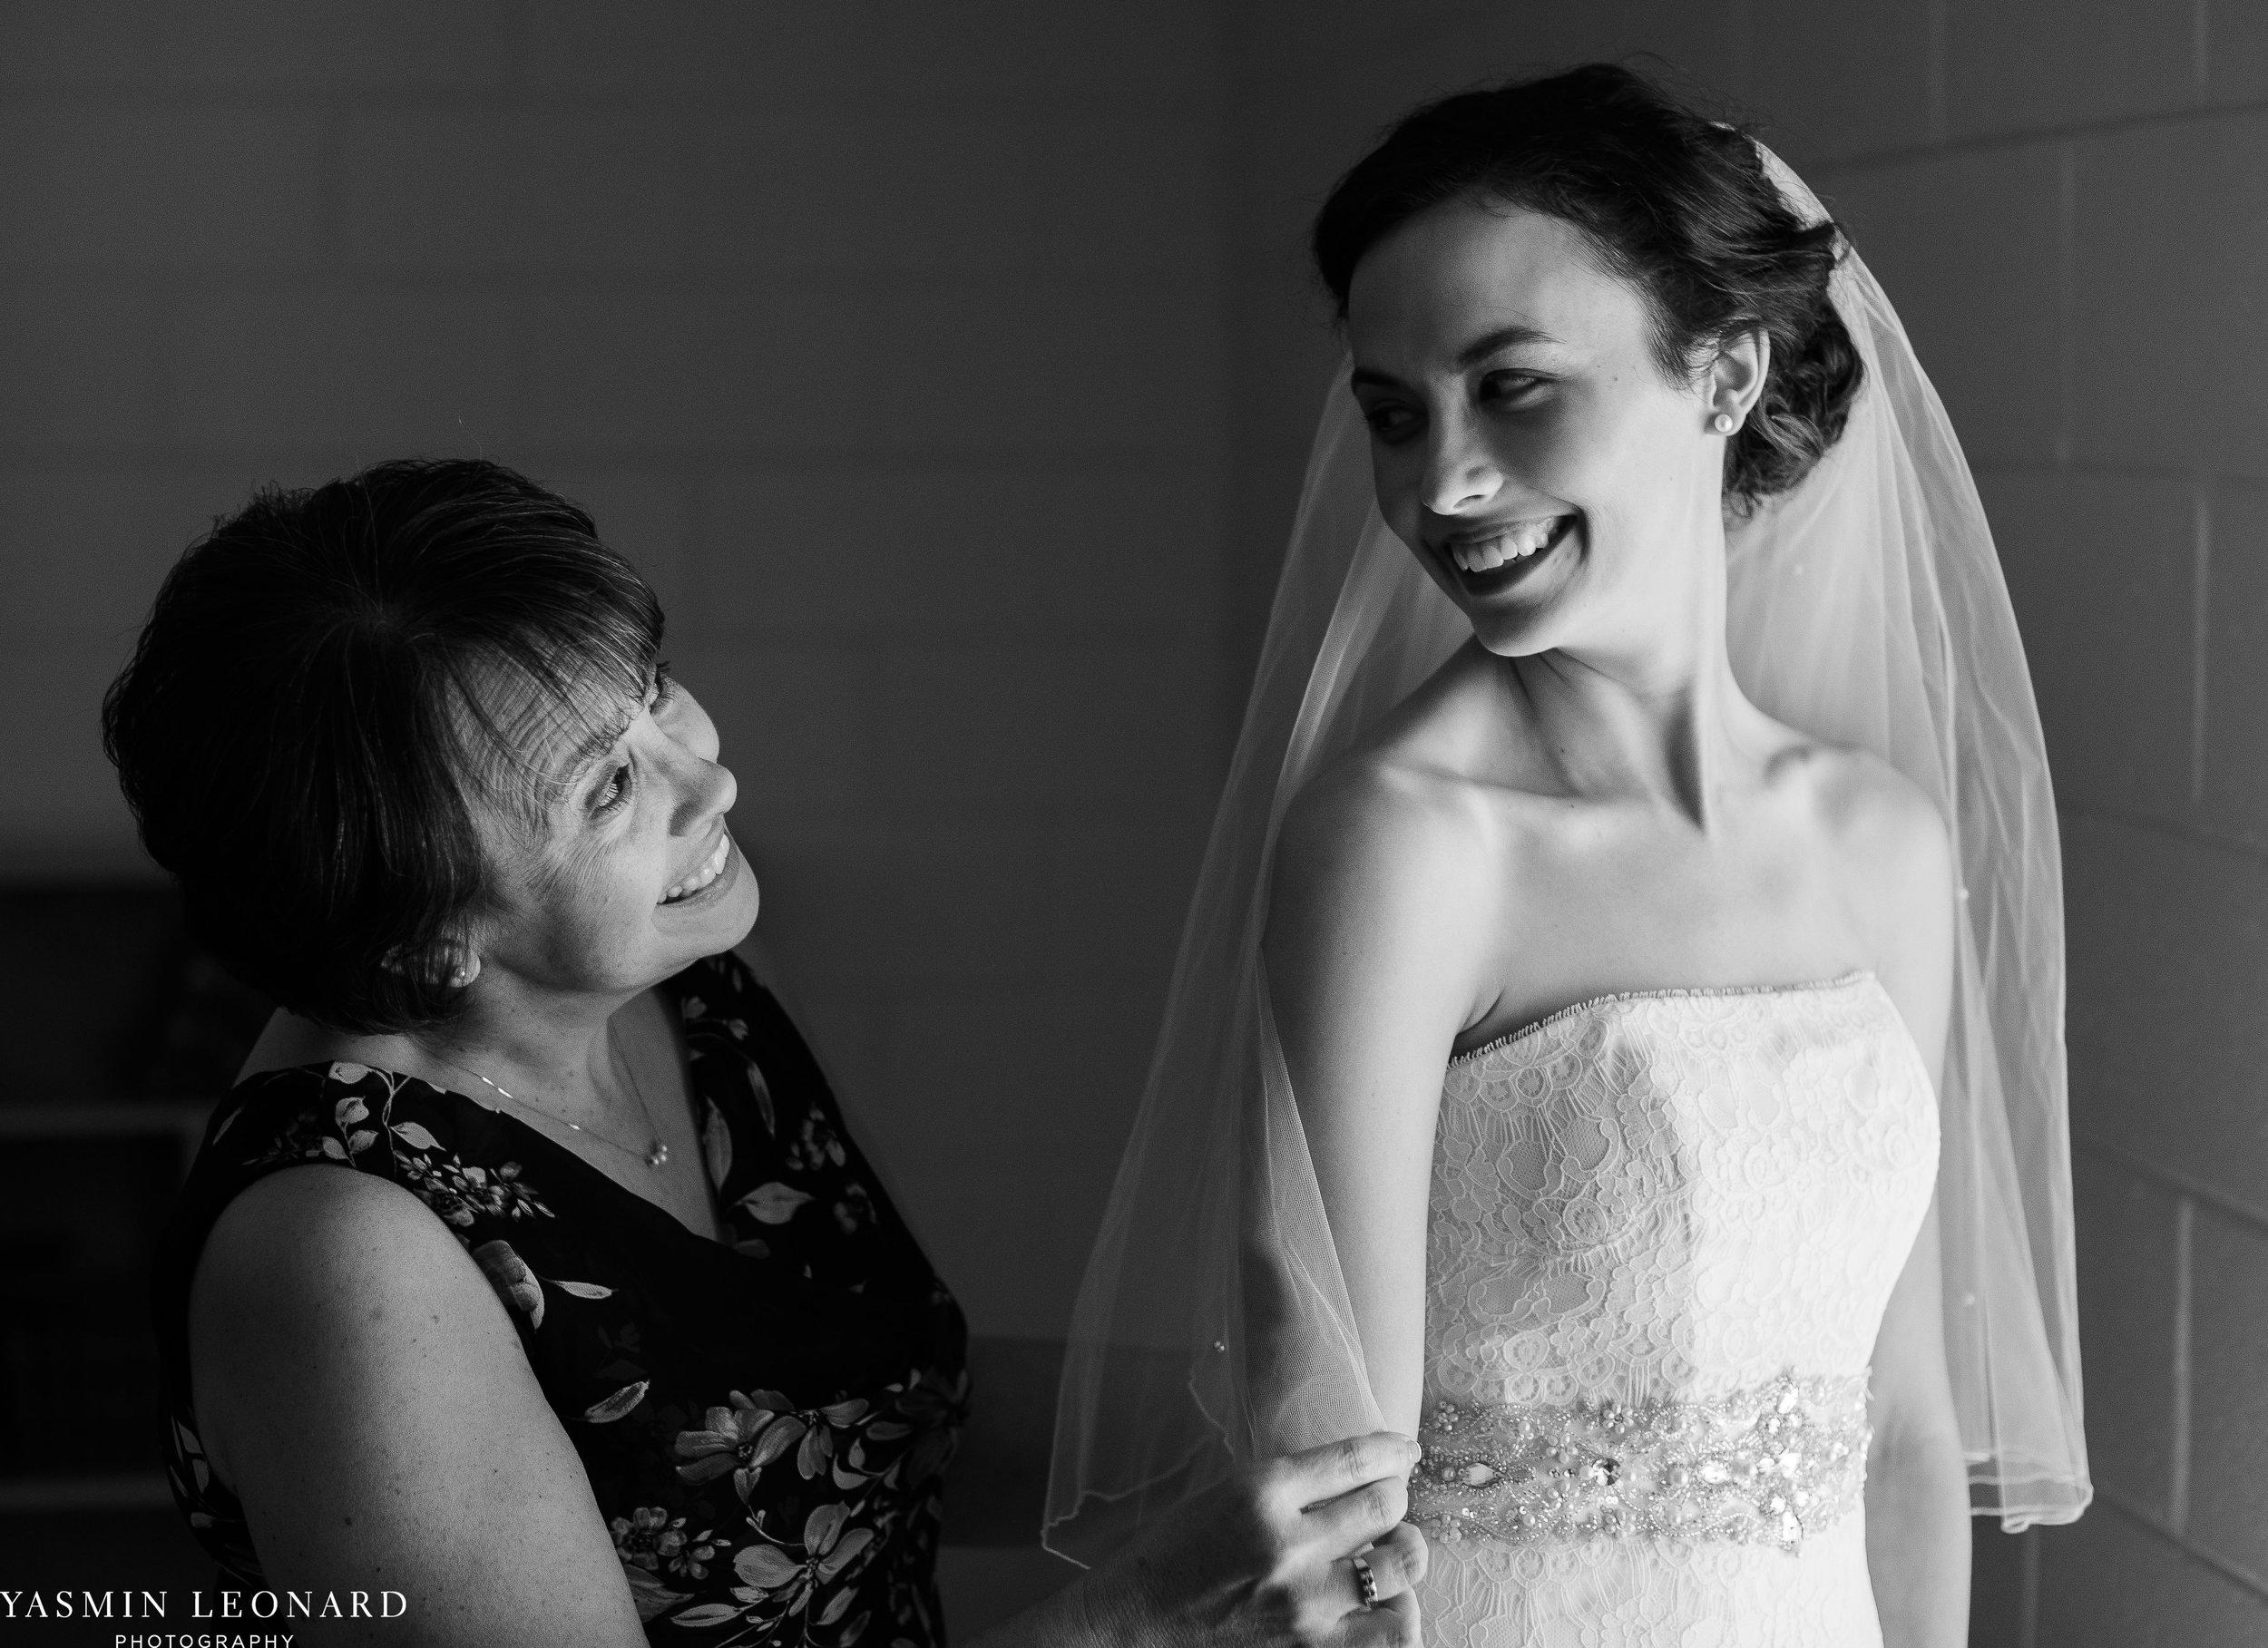 Mt. Pleasant Church - Church Wedding - Traditional Wedding - Church Ceremony - Country Wedding - Godly Wedding - NC Wedding Photographer - High Point Weddings - Triad Weddings - NC Venues-6.jpg